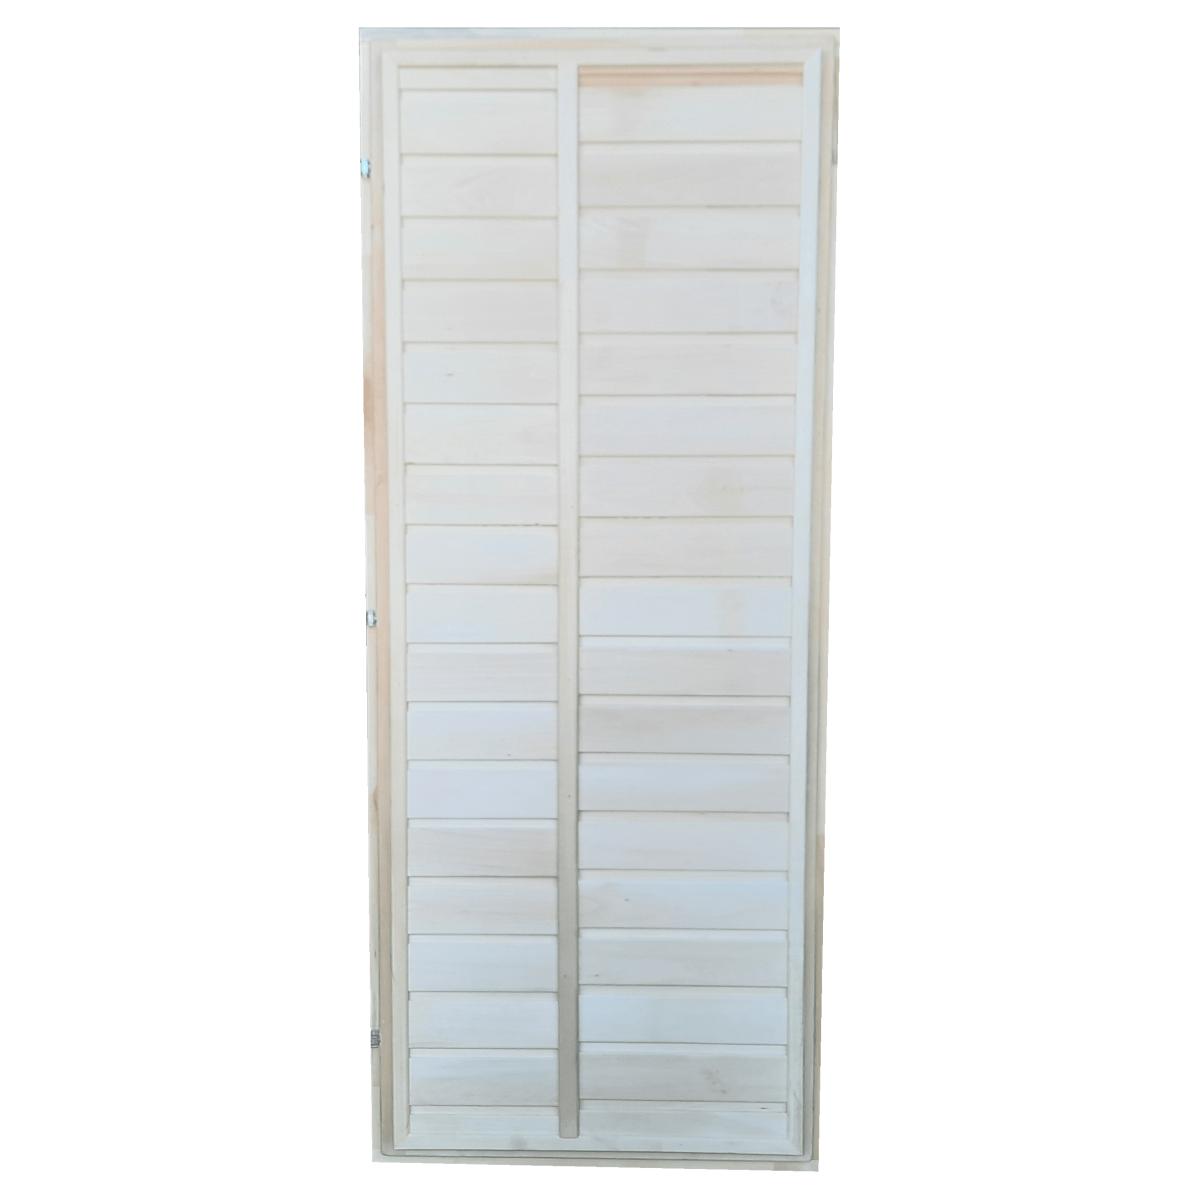 Блок дверной глухой 62х700х1700 мм липа цвет бежевый